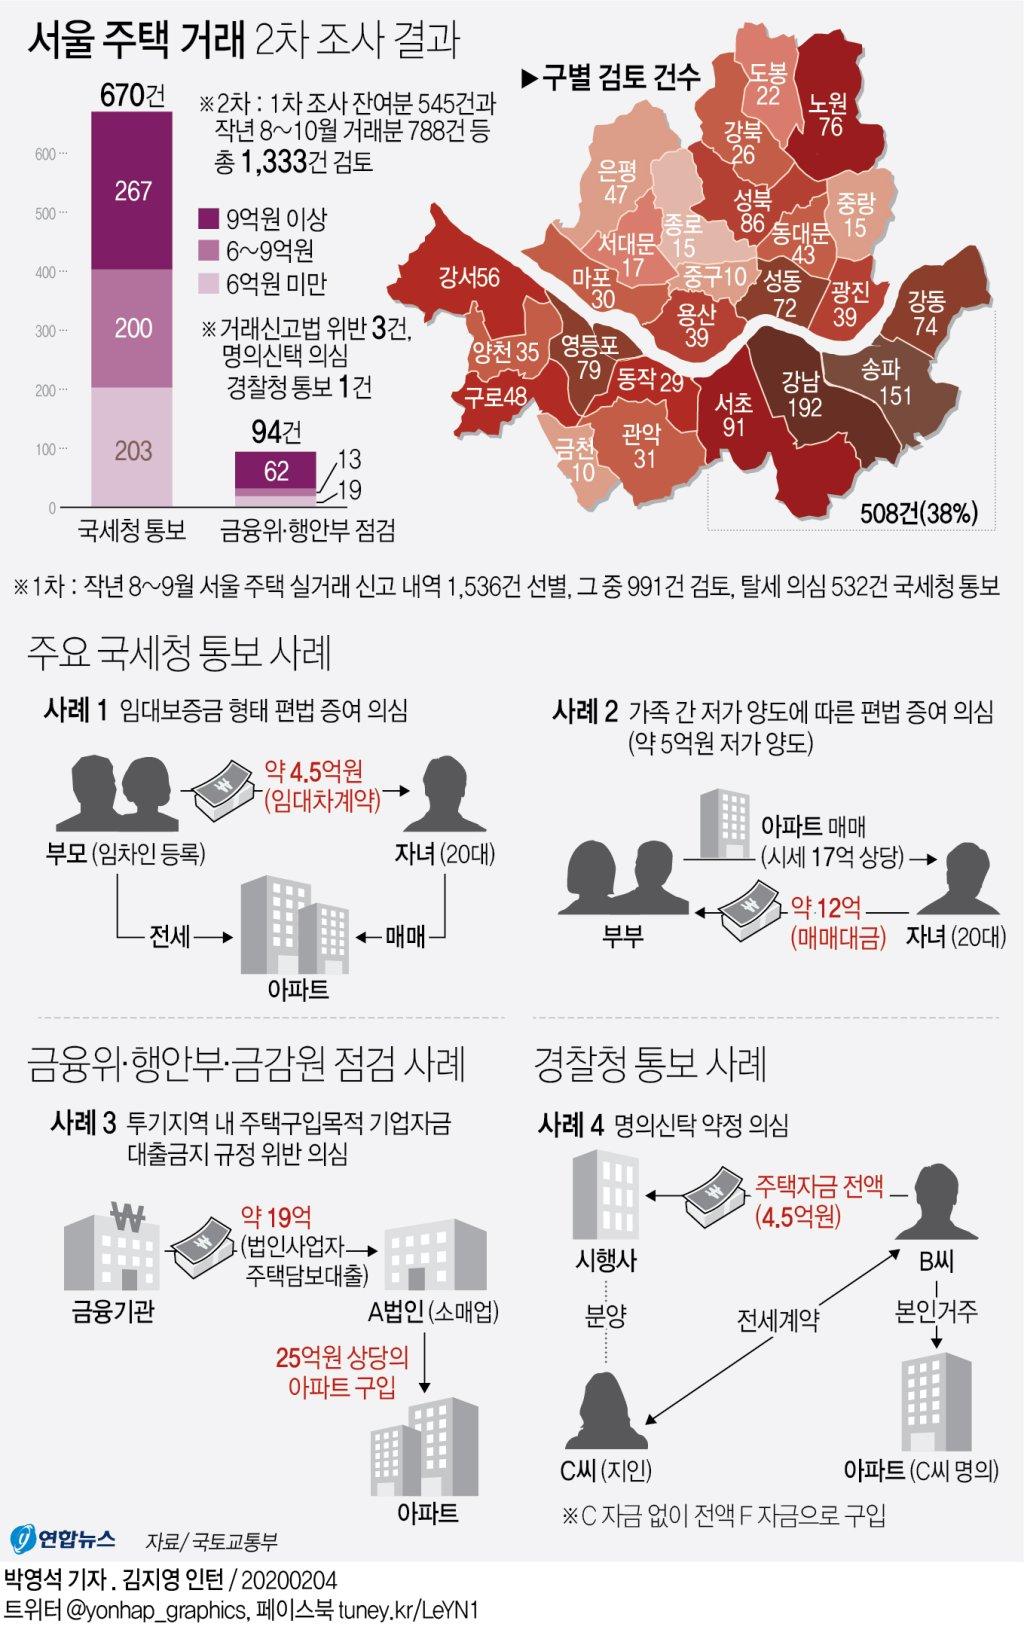 [그래픽] 서울 주택 거래 2차 조사 결과